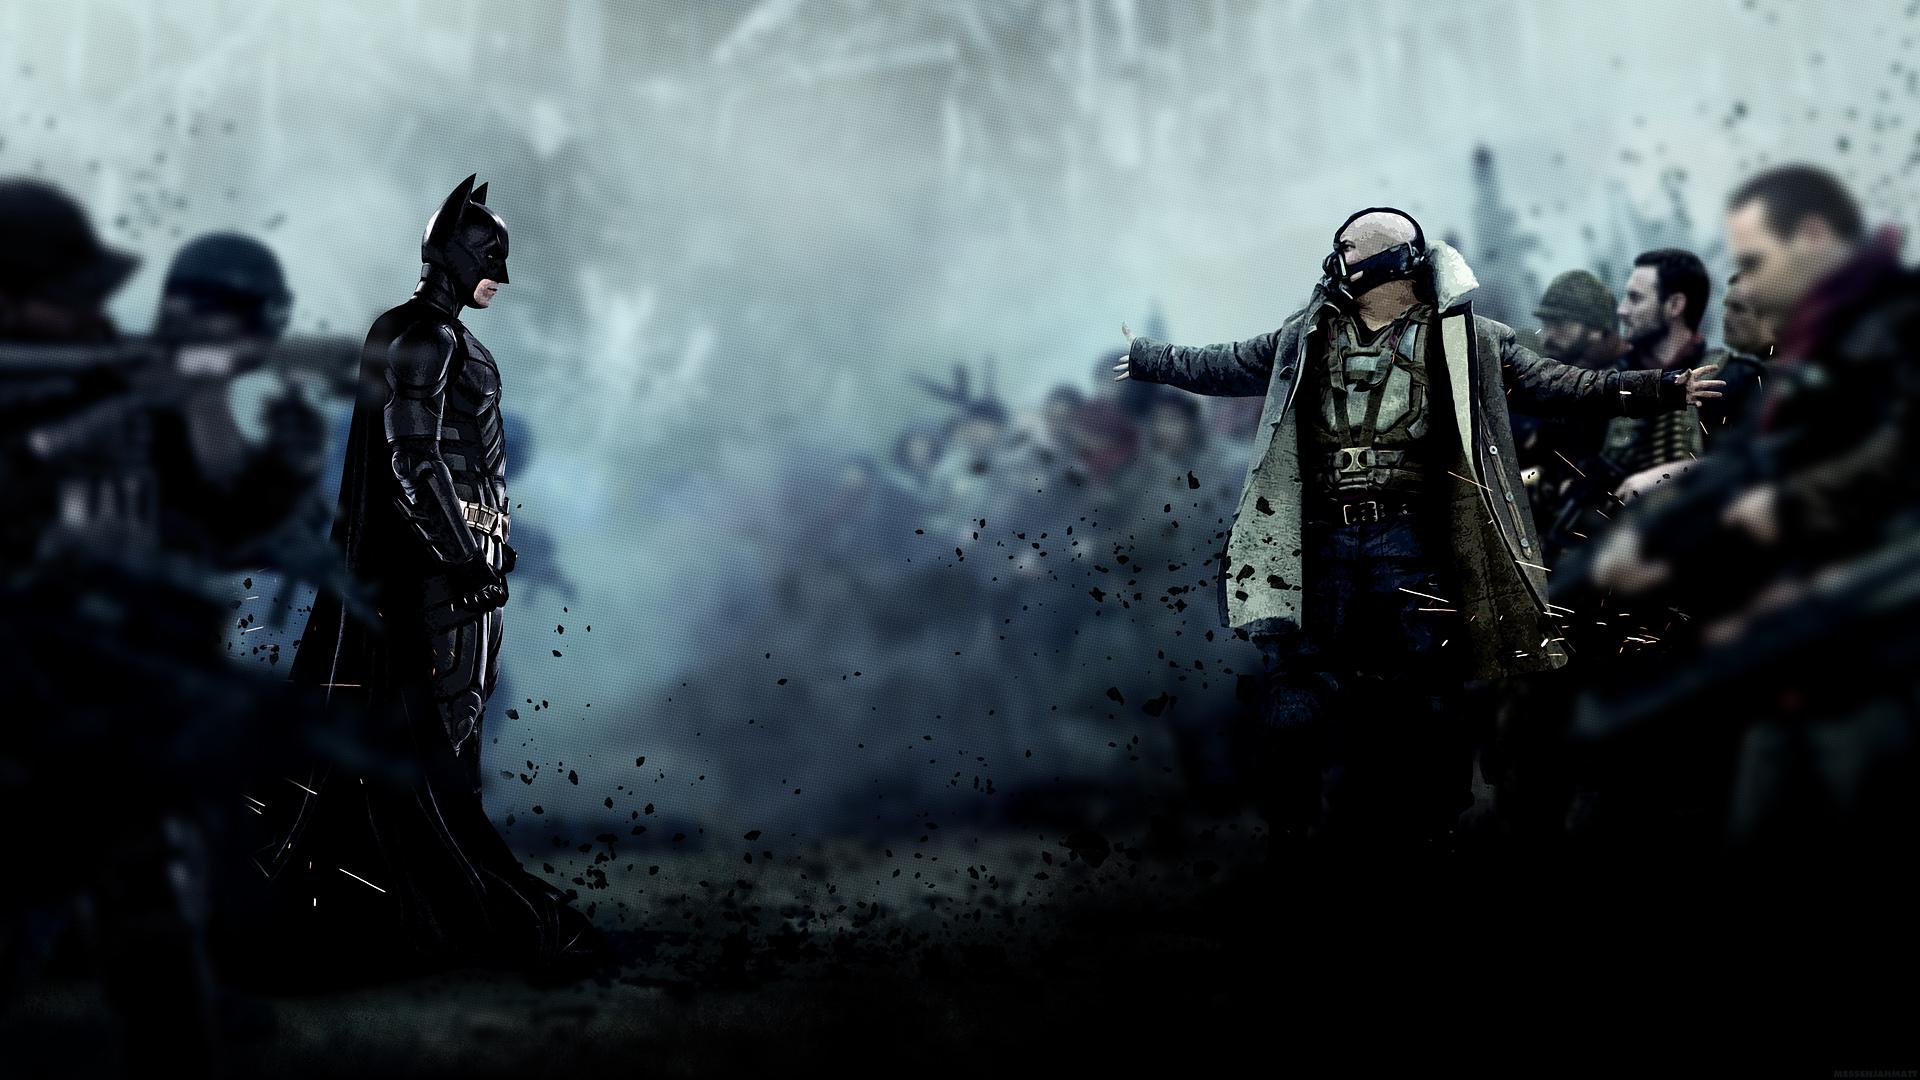 Free Download Batman The Dark Knight Rises Hd Wallpapers